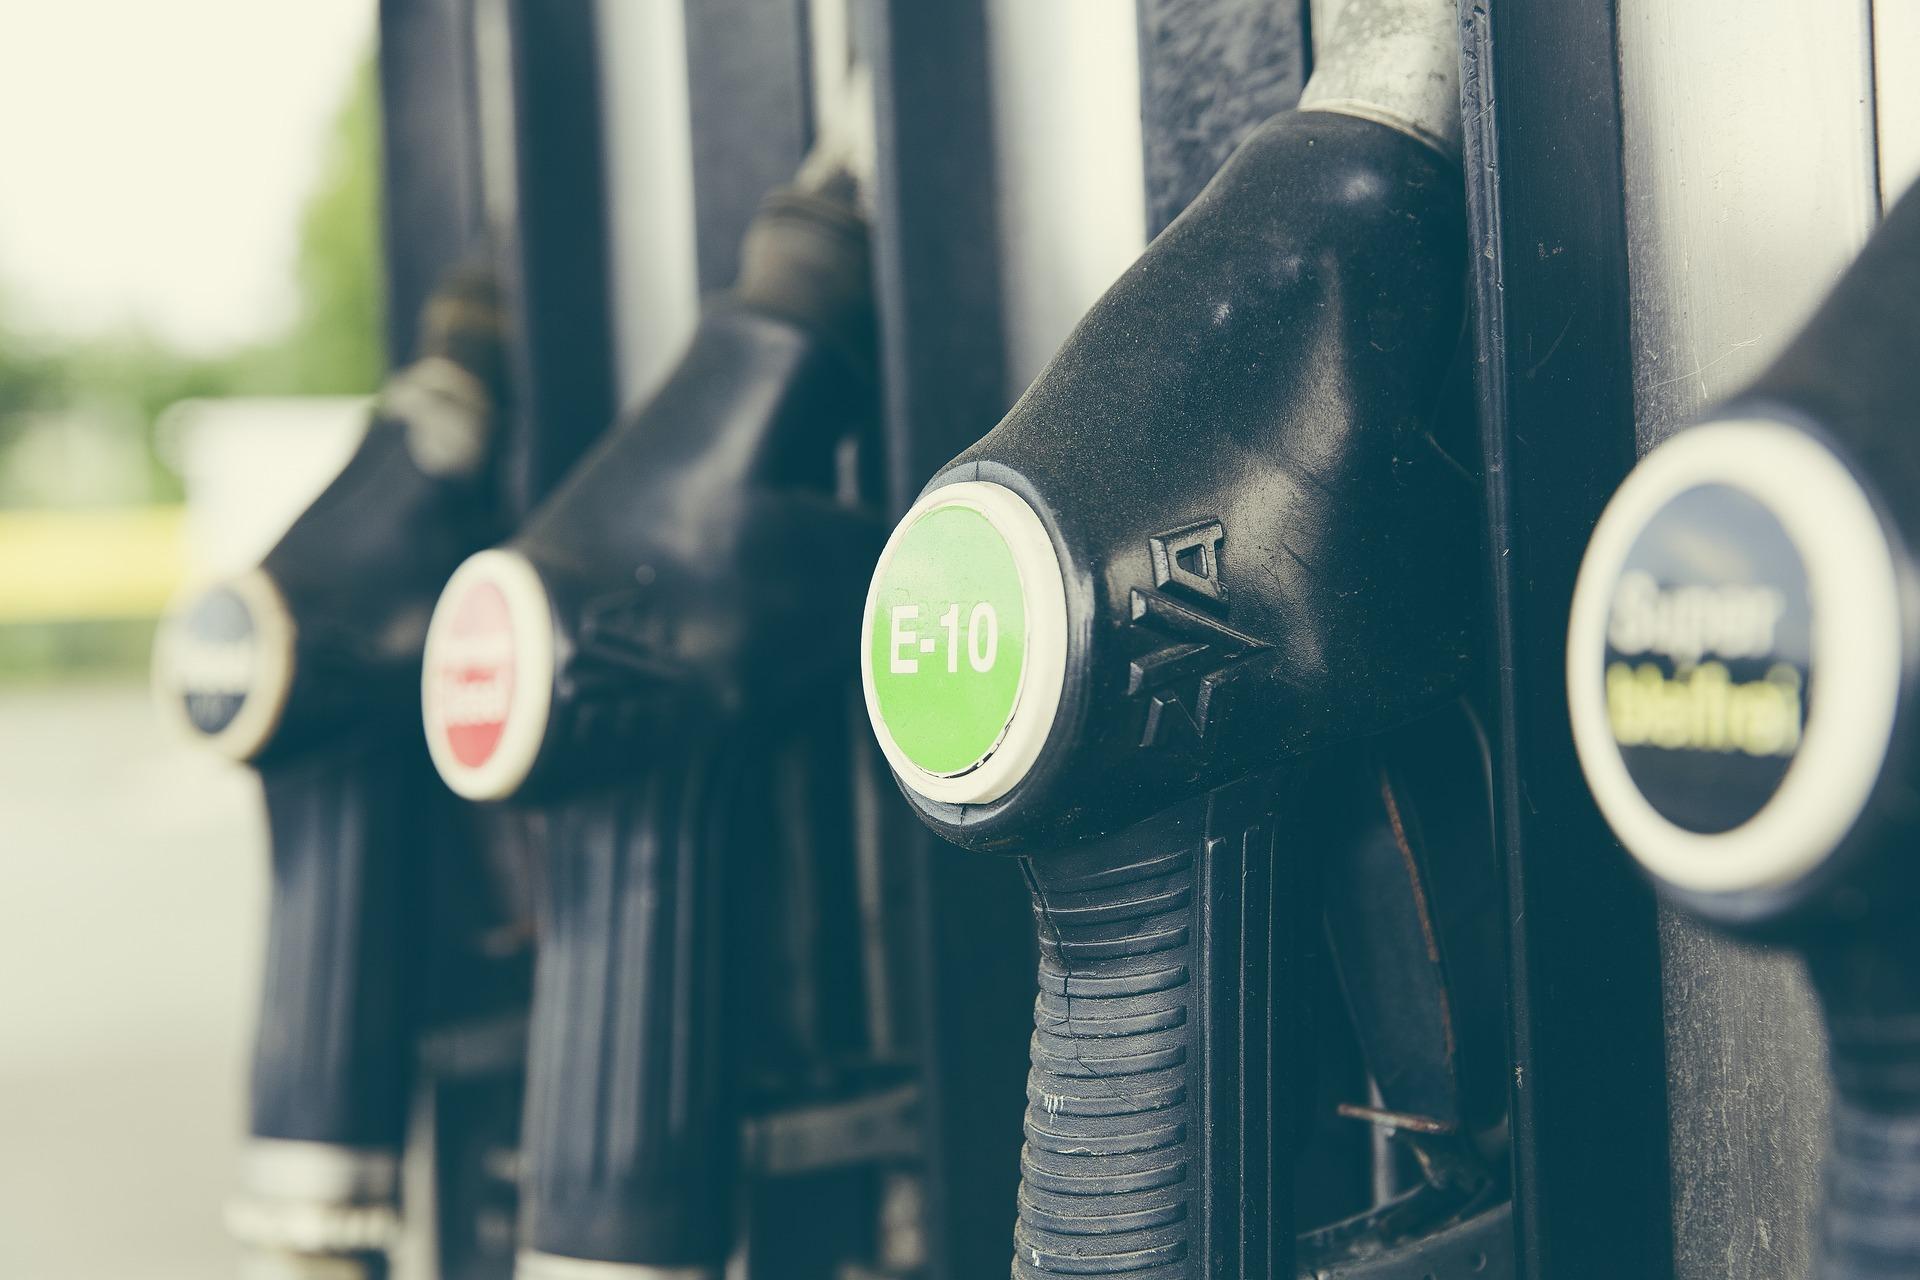 L'éthanol : Pourquoi c'est abordable, comment faire pour en bénéficier ?